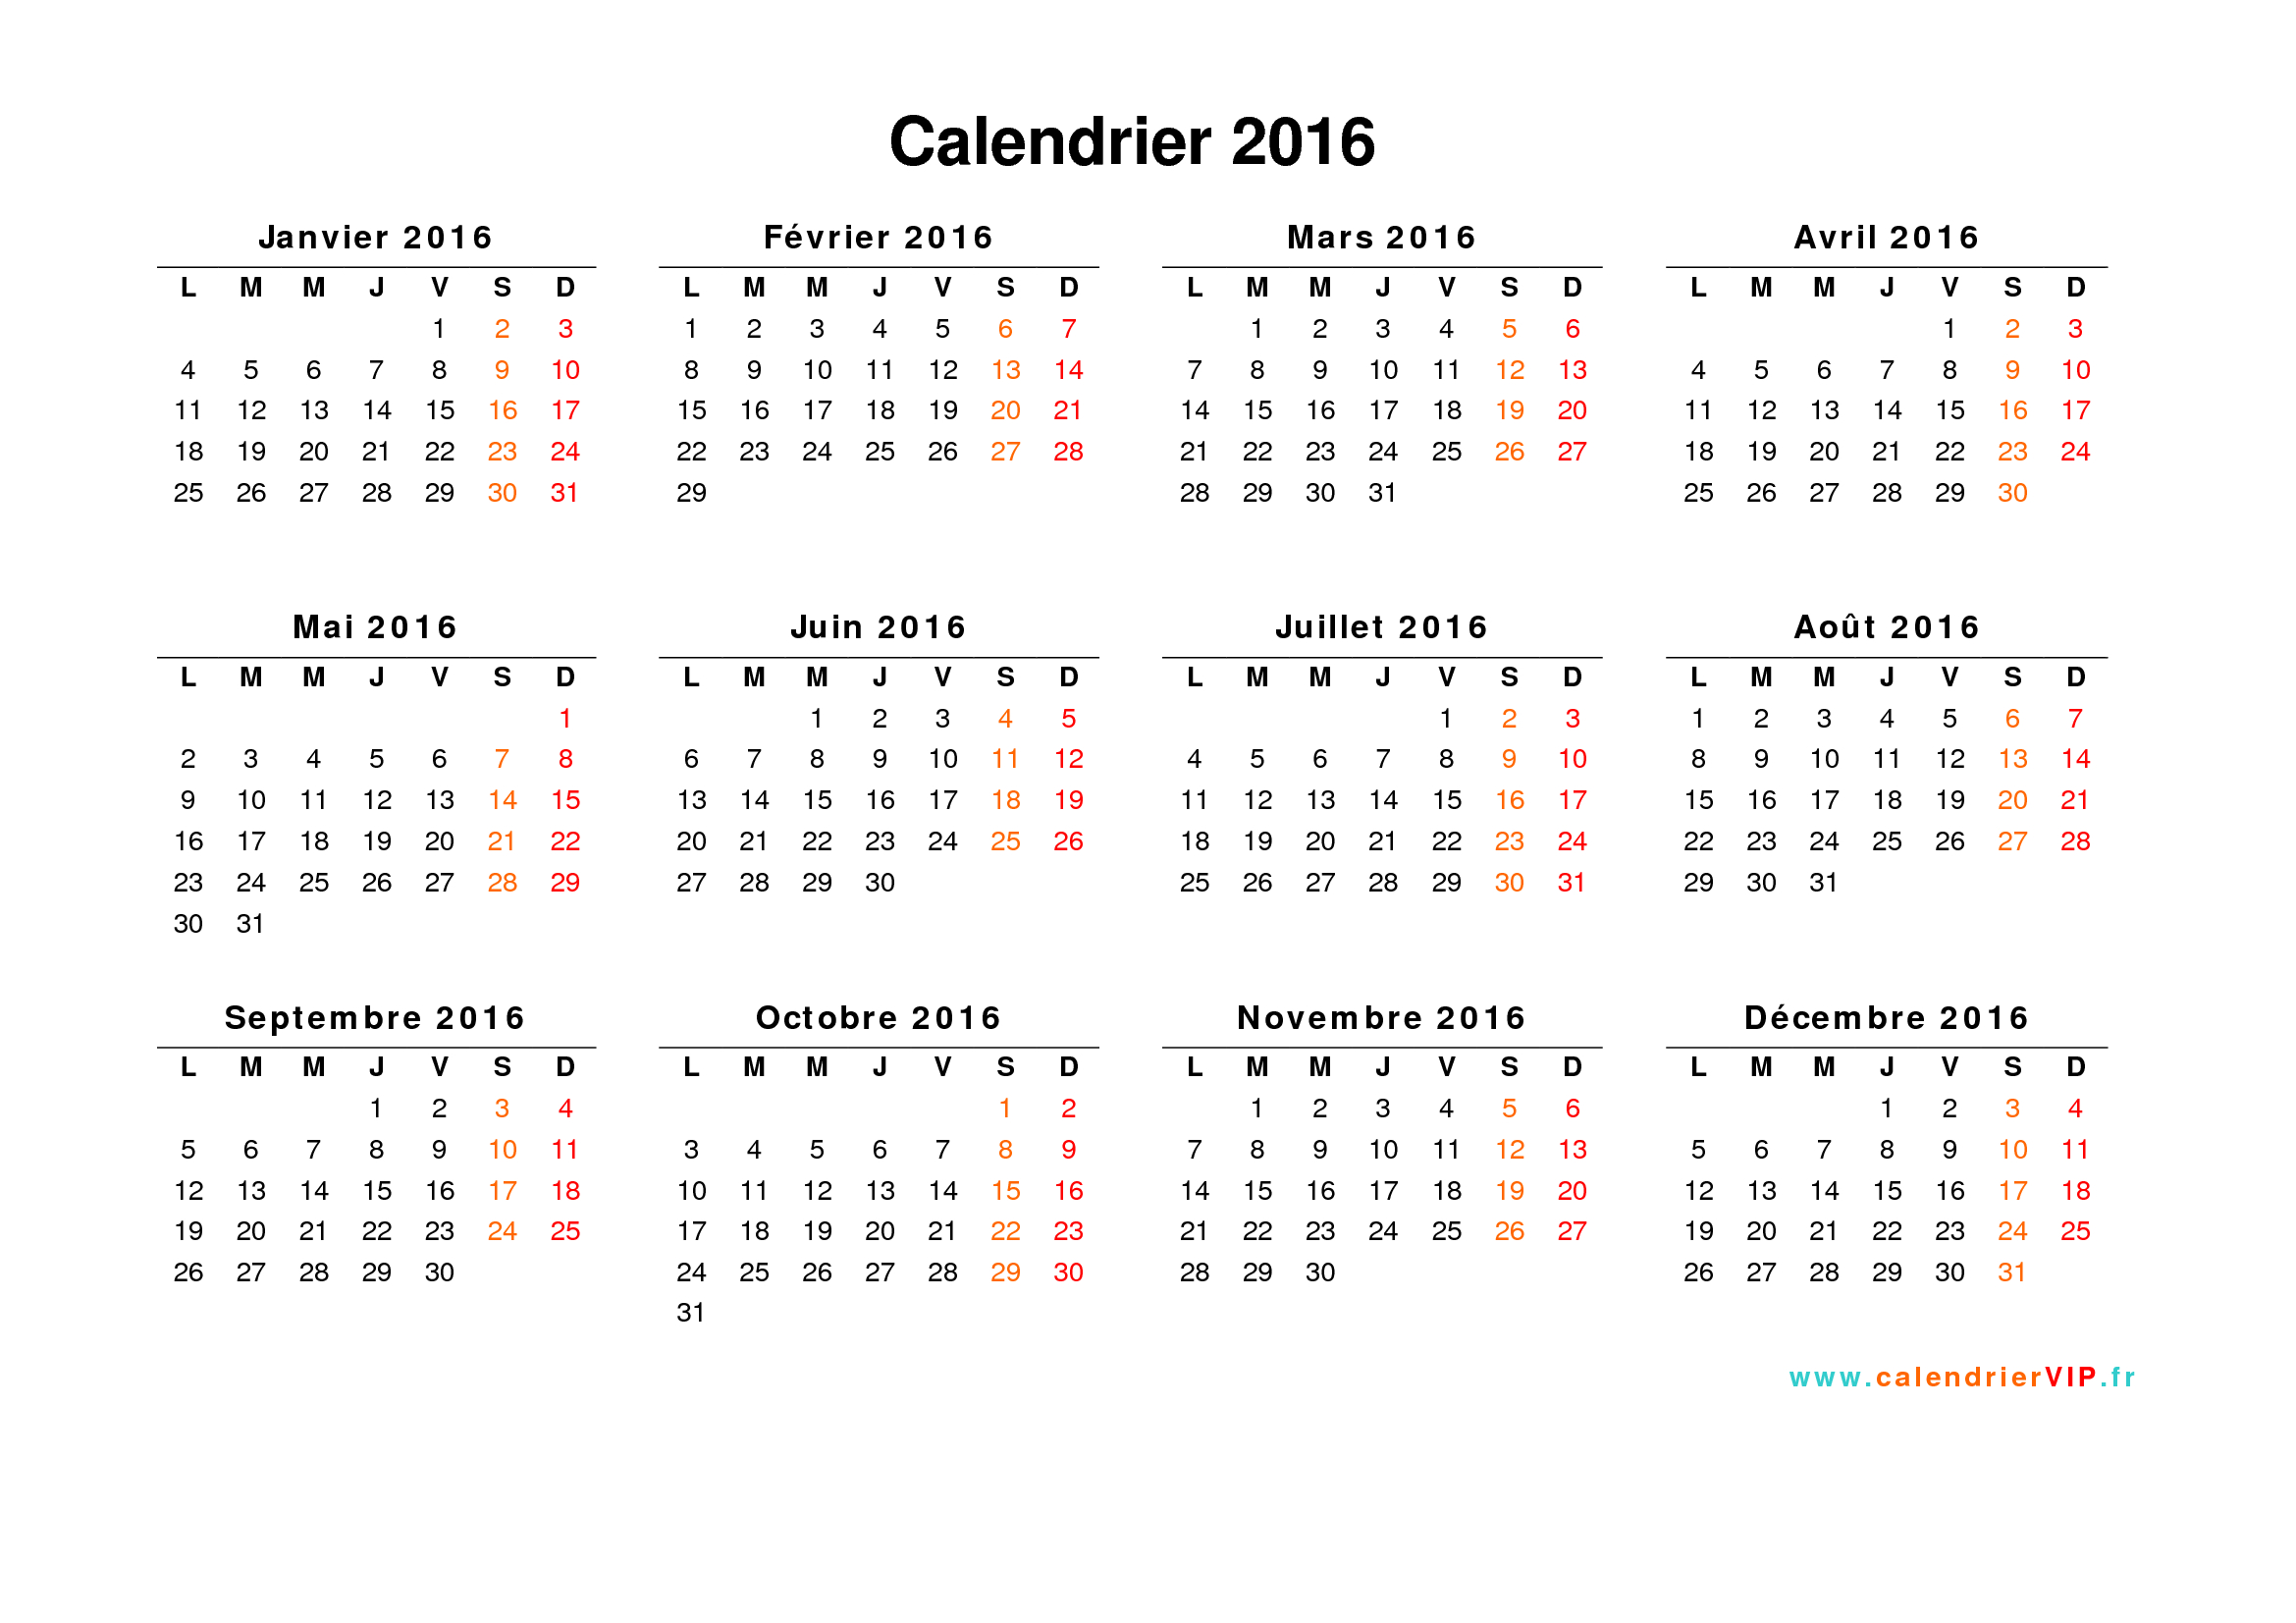 Calendrier 2016 à imprimer gratuit en PDF et Excel